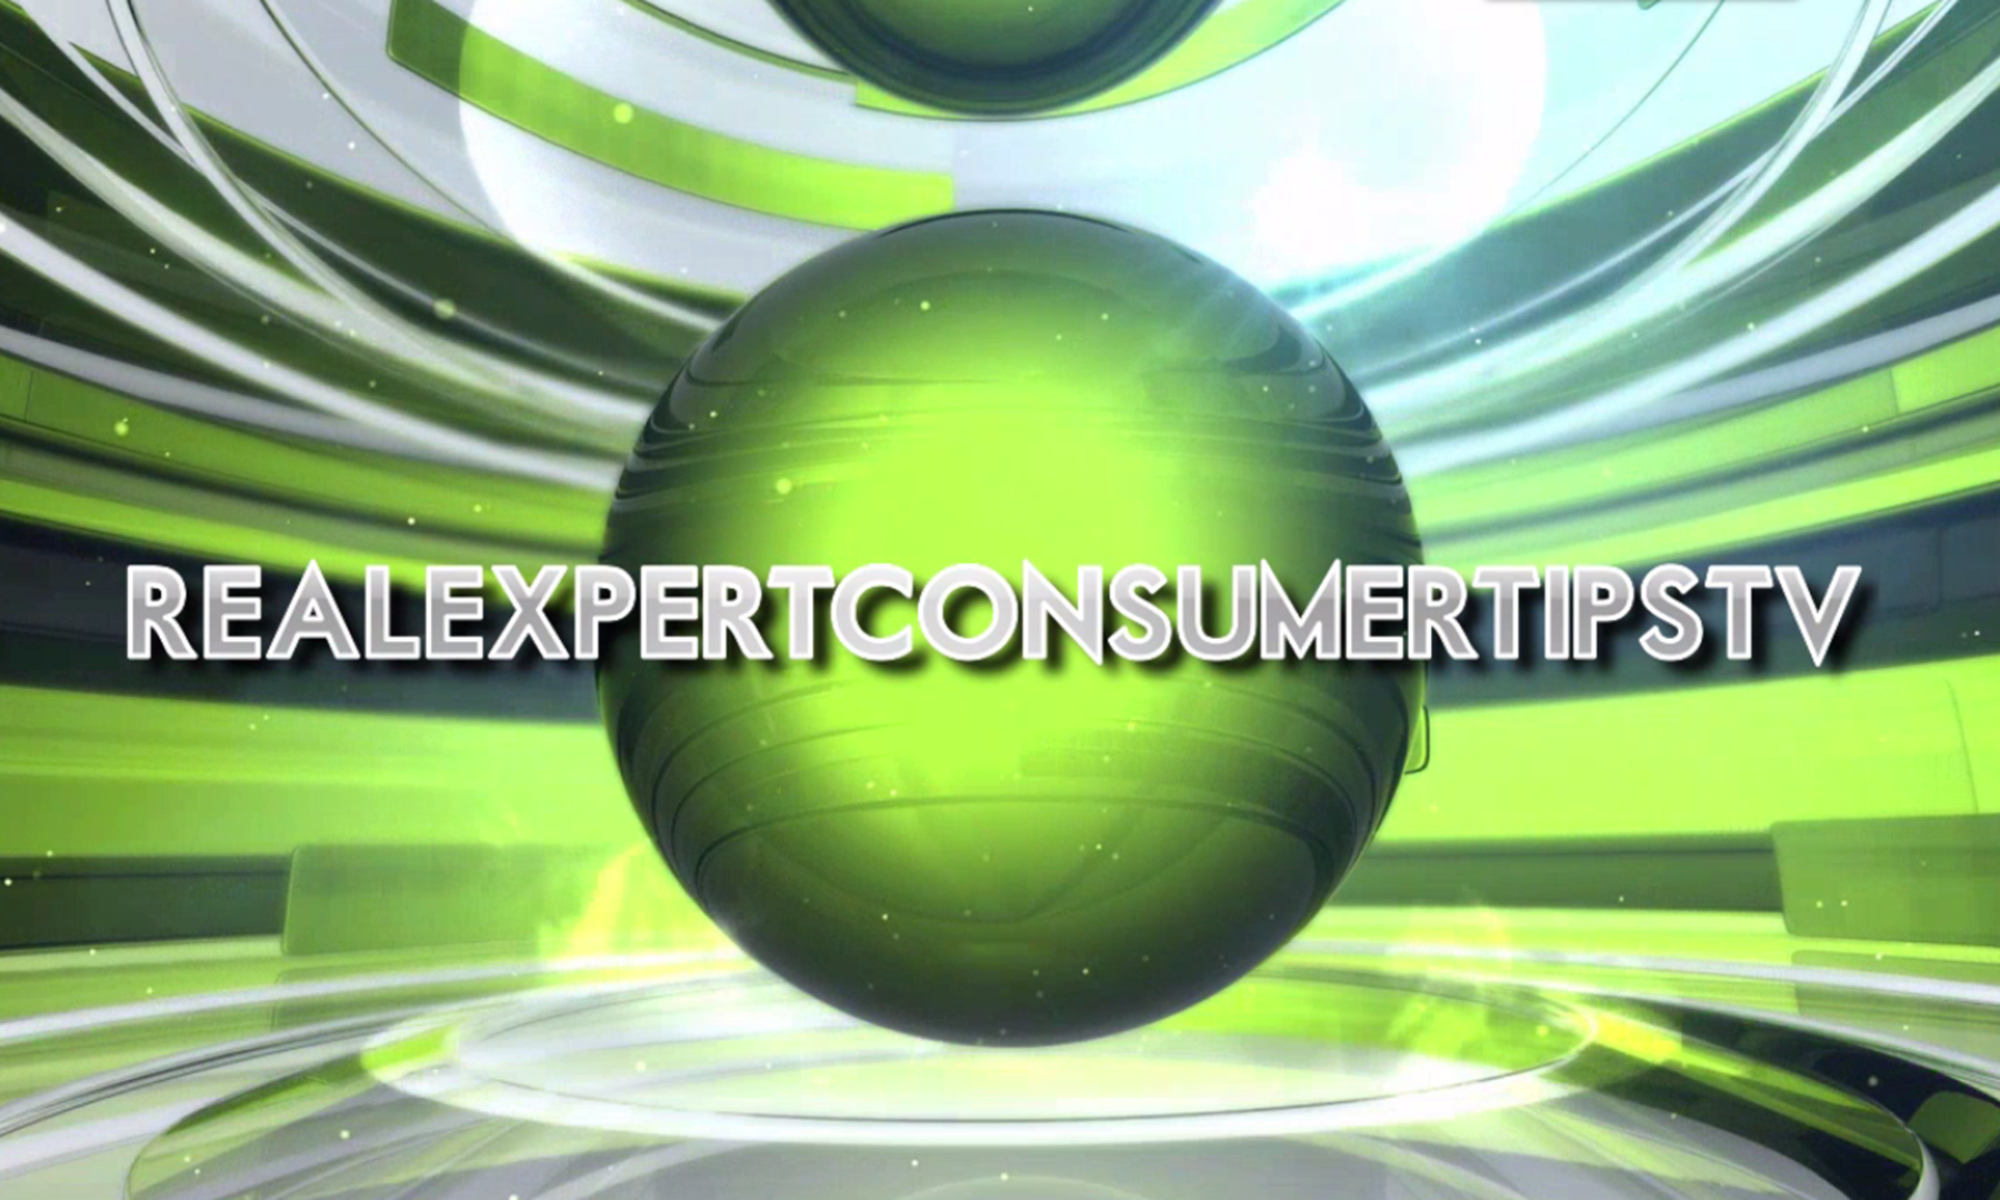 REALEXPERTCONSUMERTIPS.TV